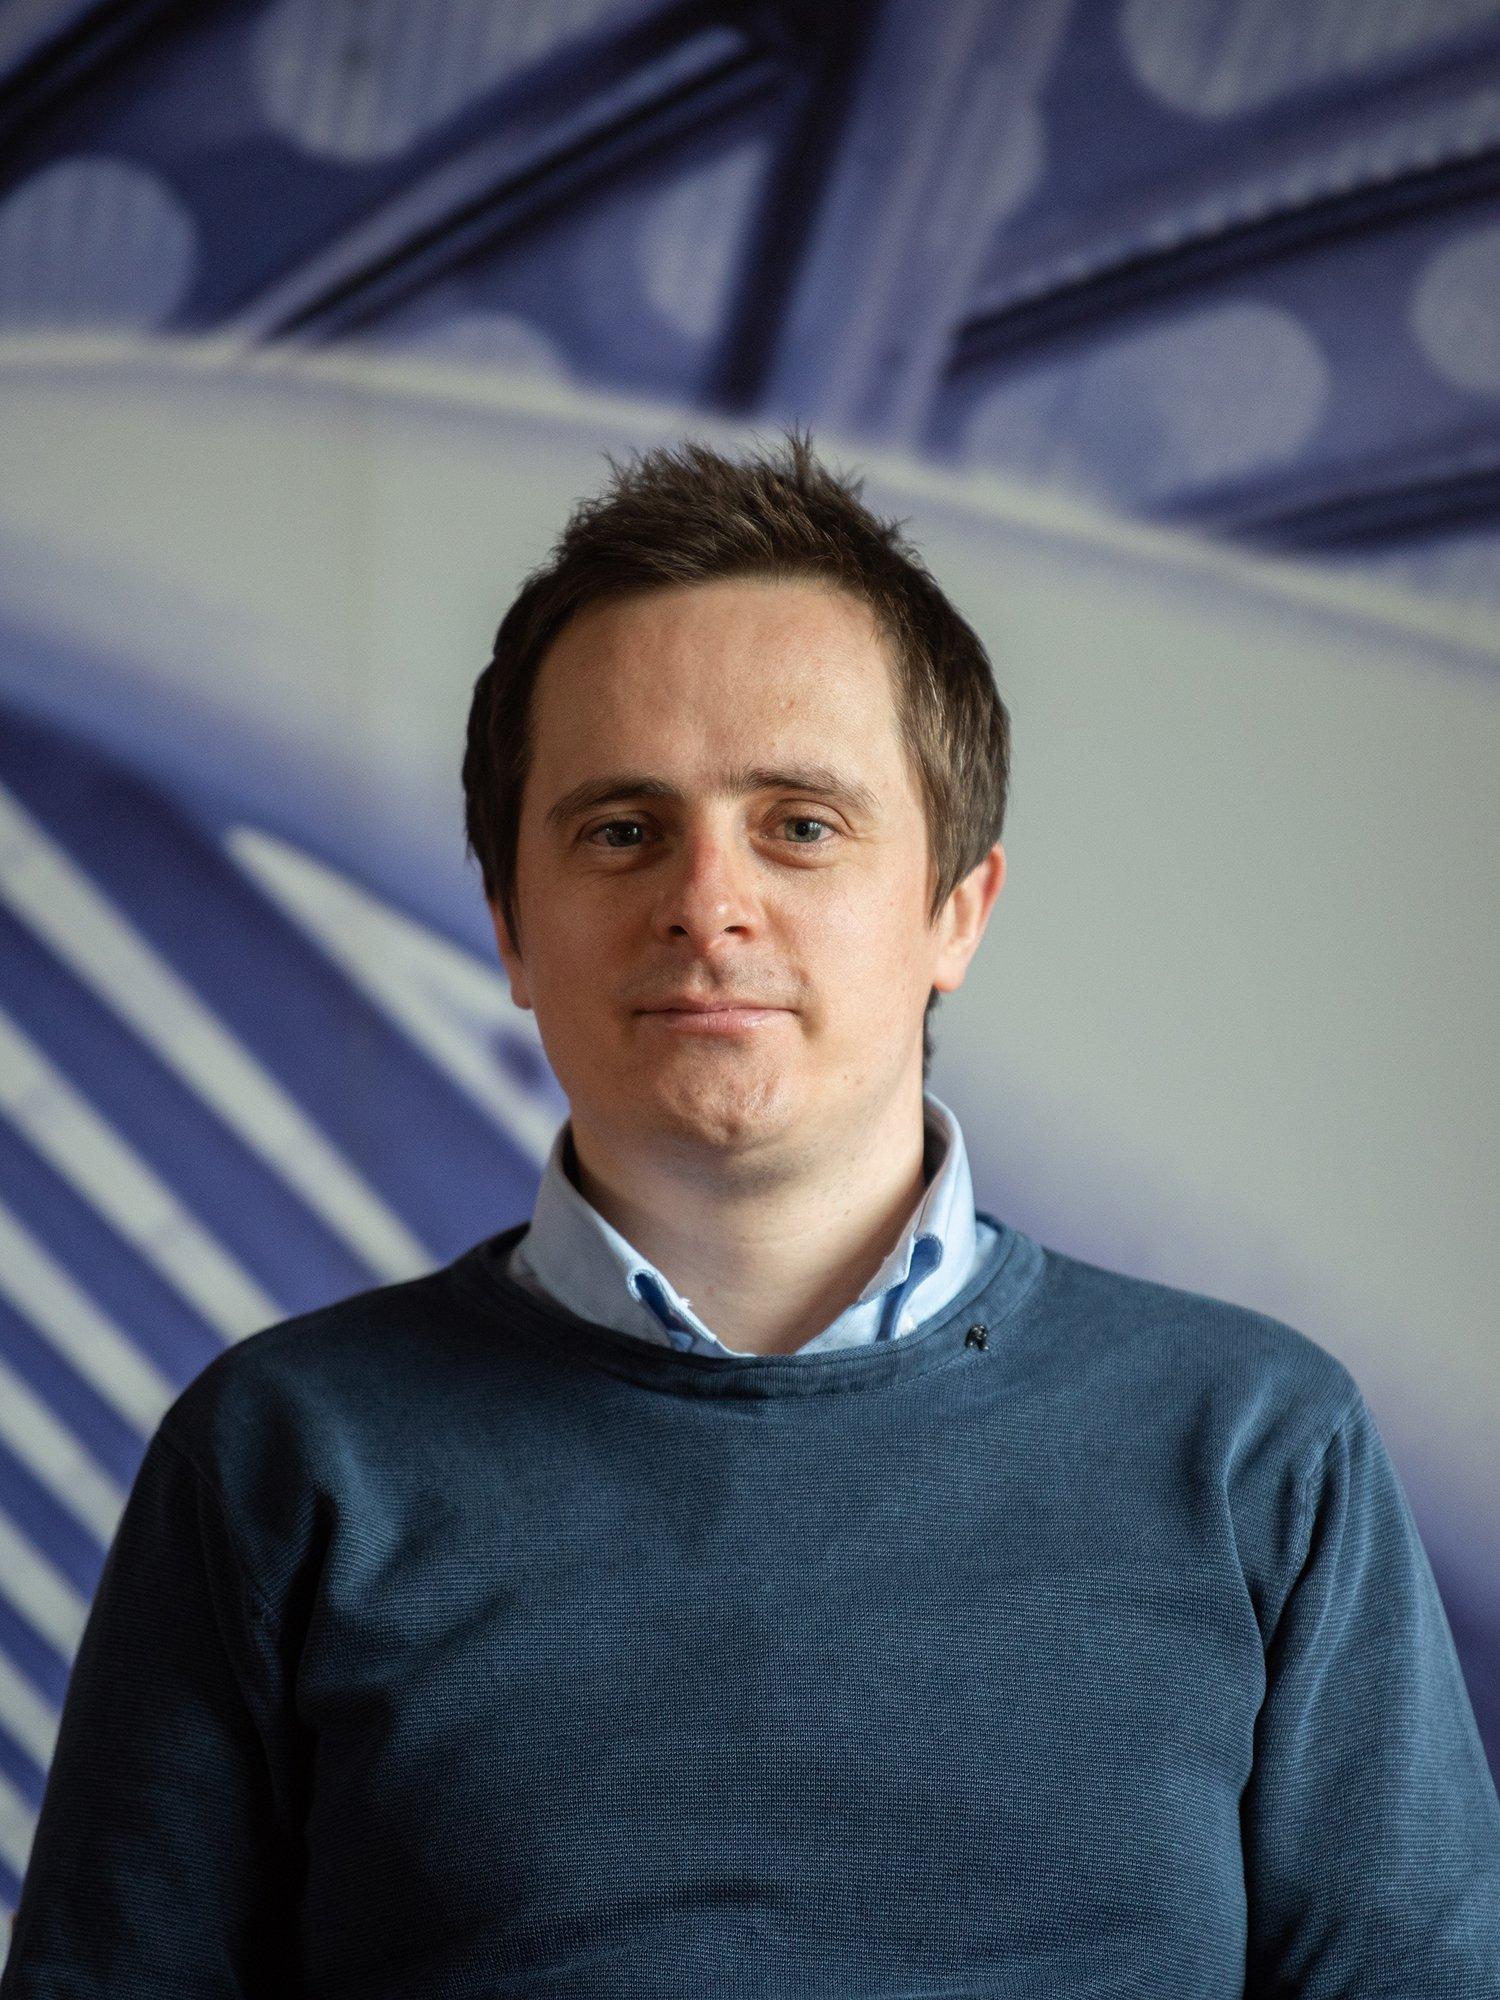 Daniel Barnshaw, Managing Director at Angle Ring